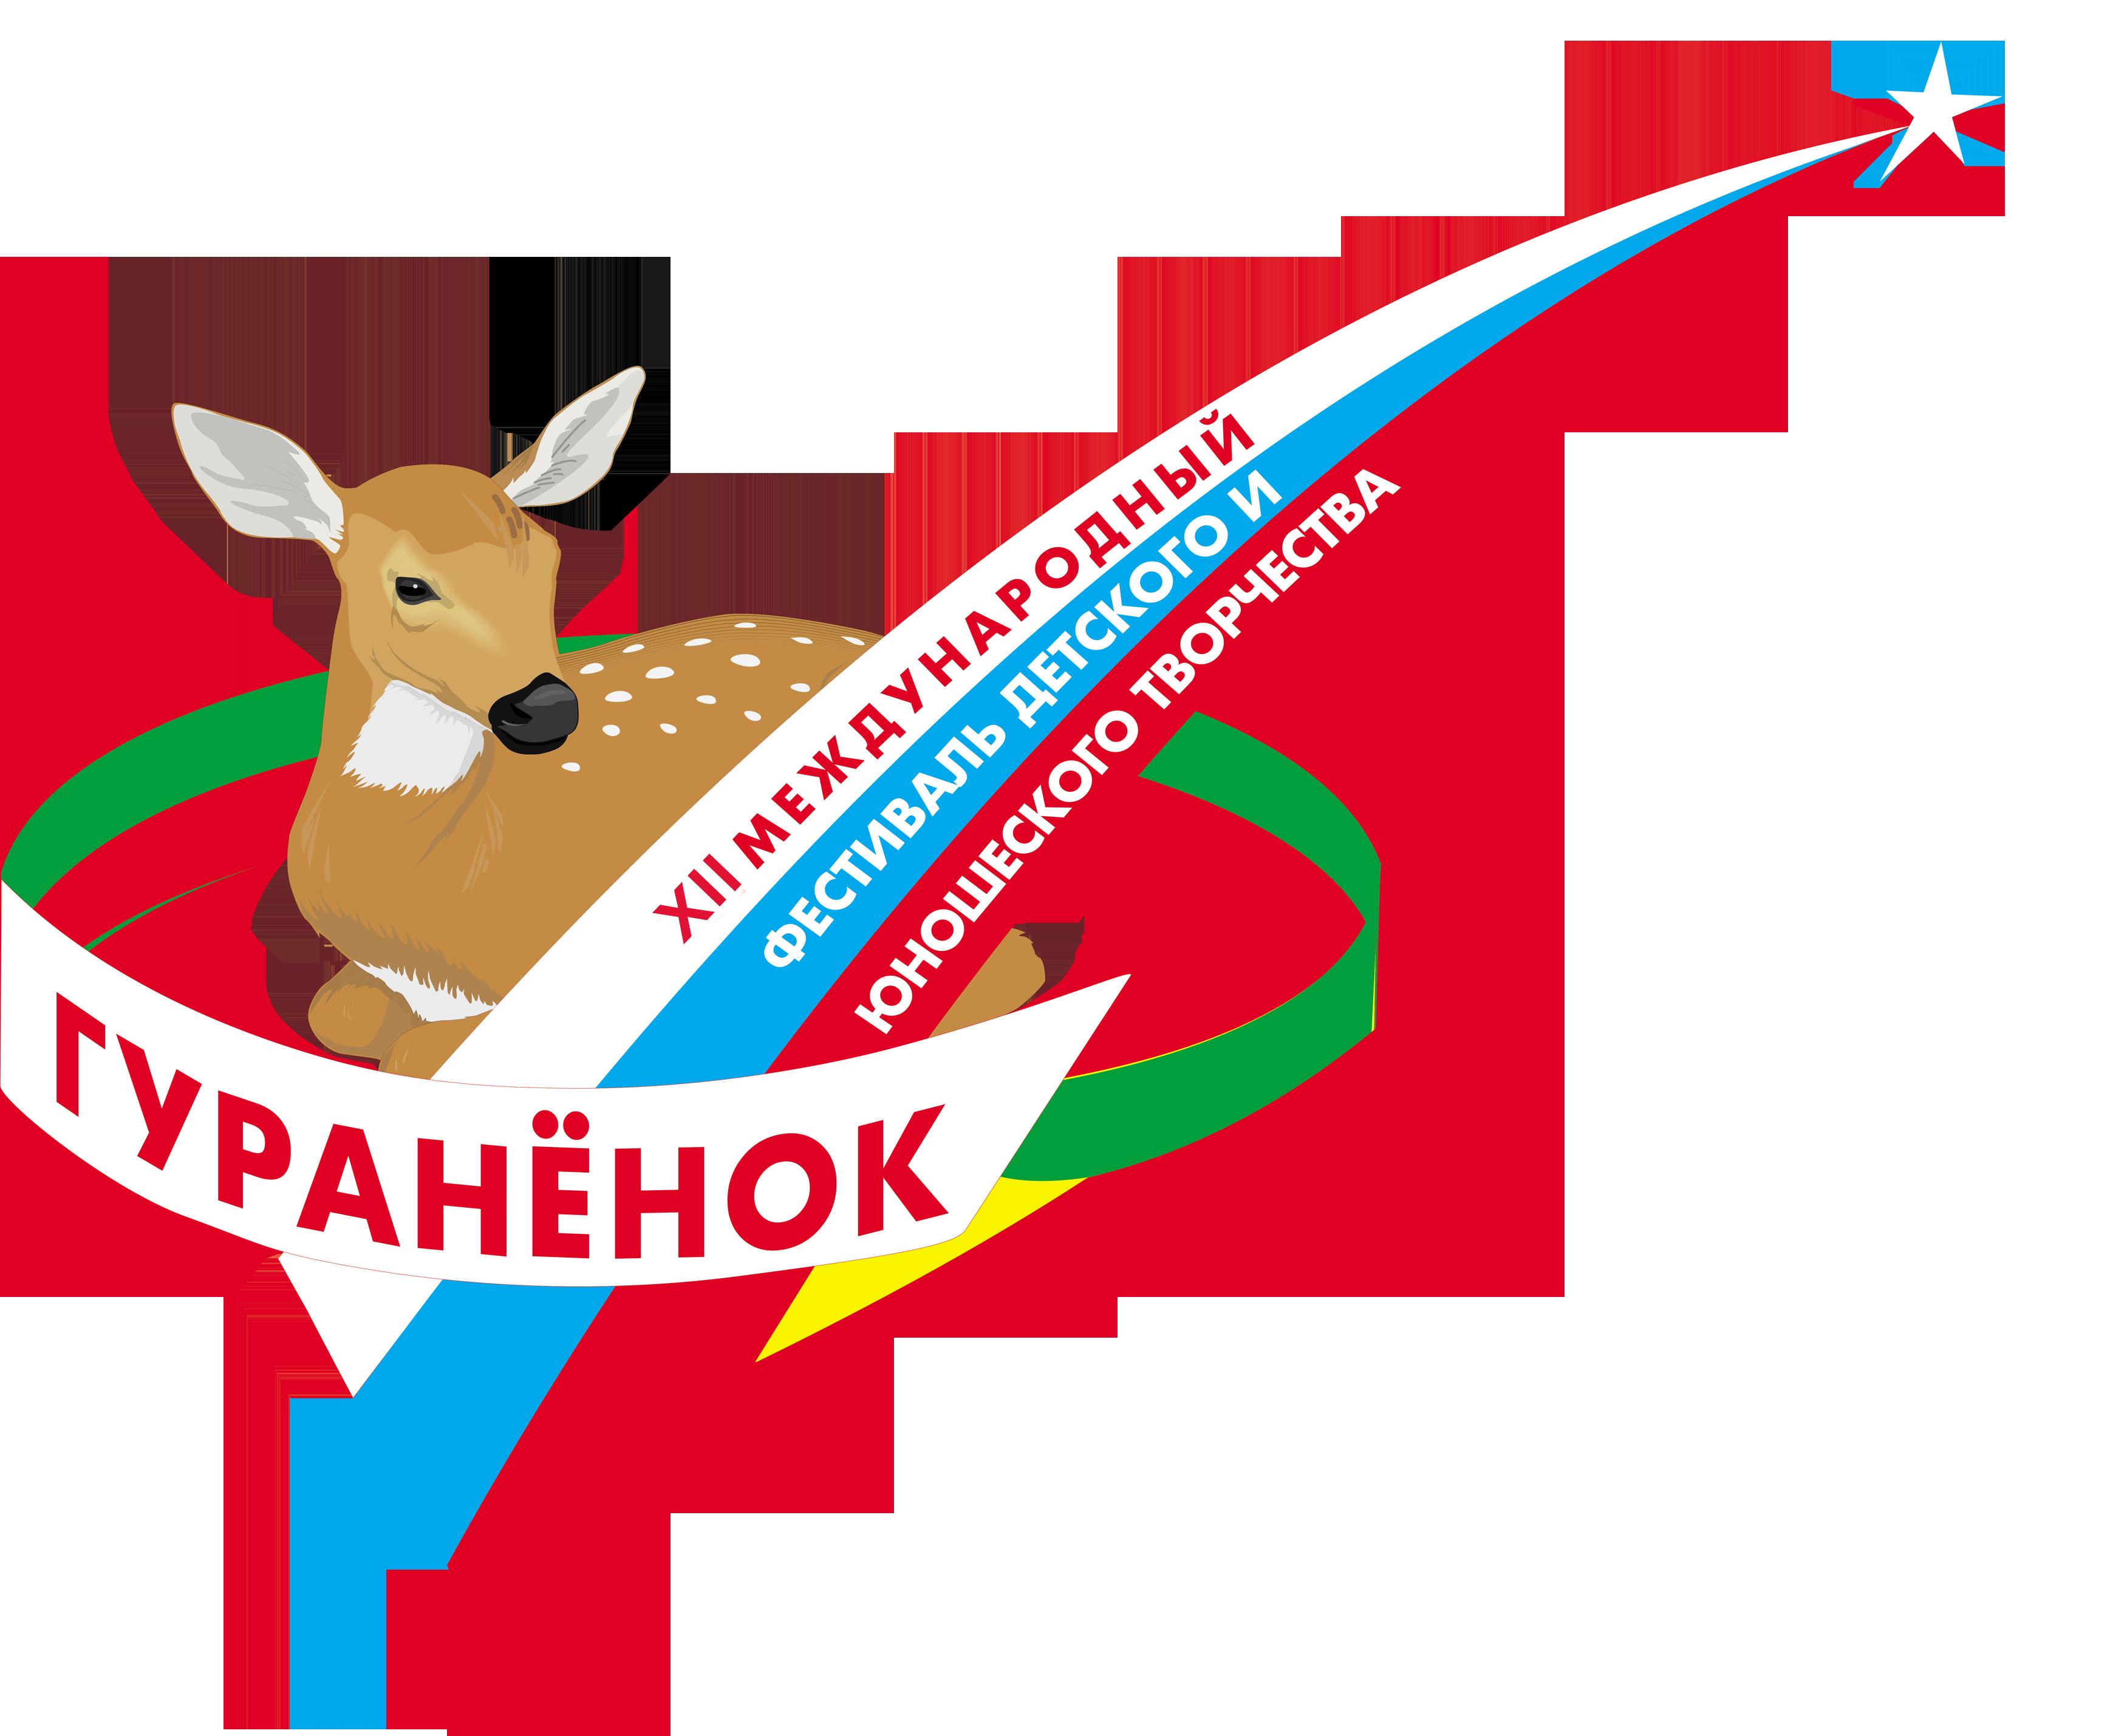 логотип Гураненок